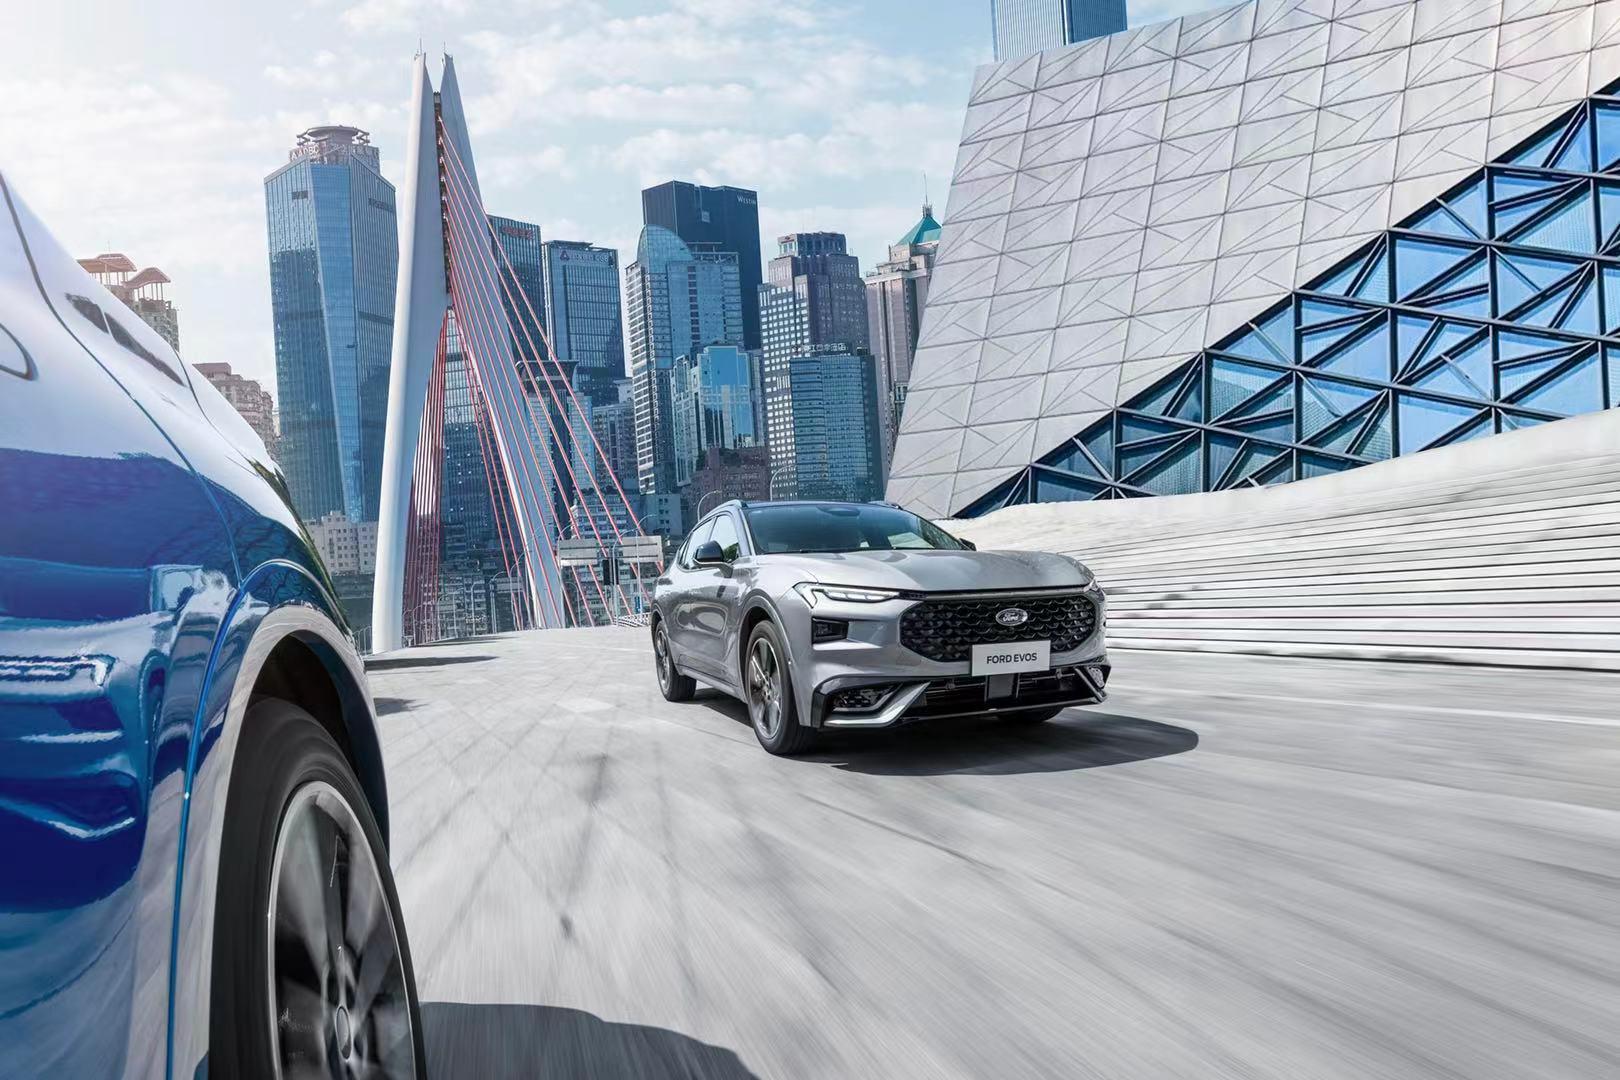 长安福特全新SUV EVOS剑指冠道、昂科威